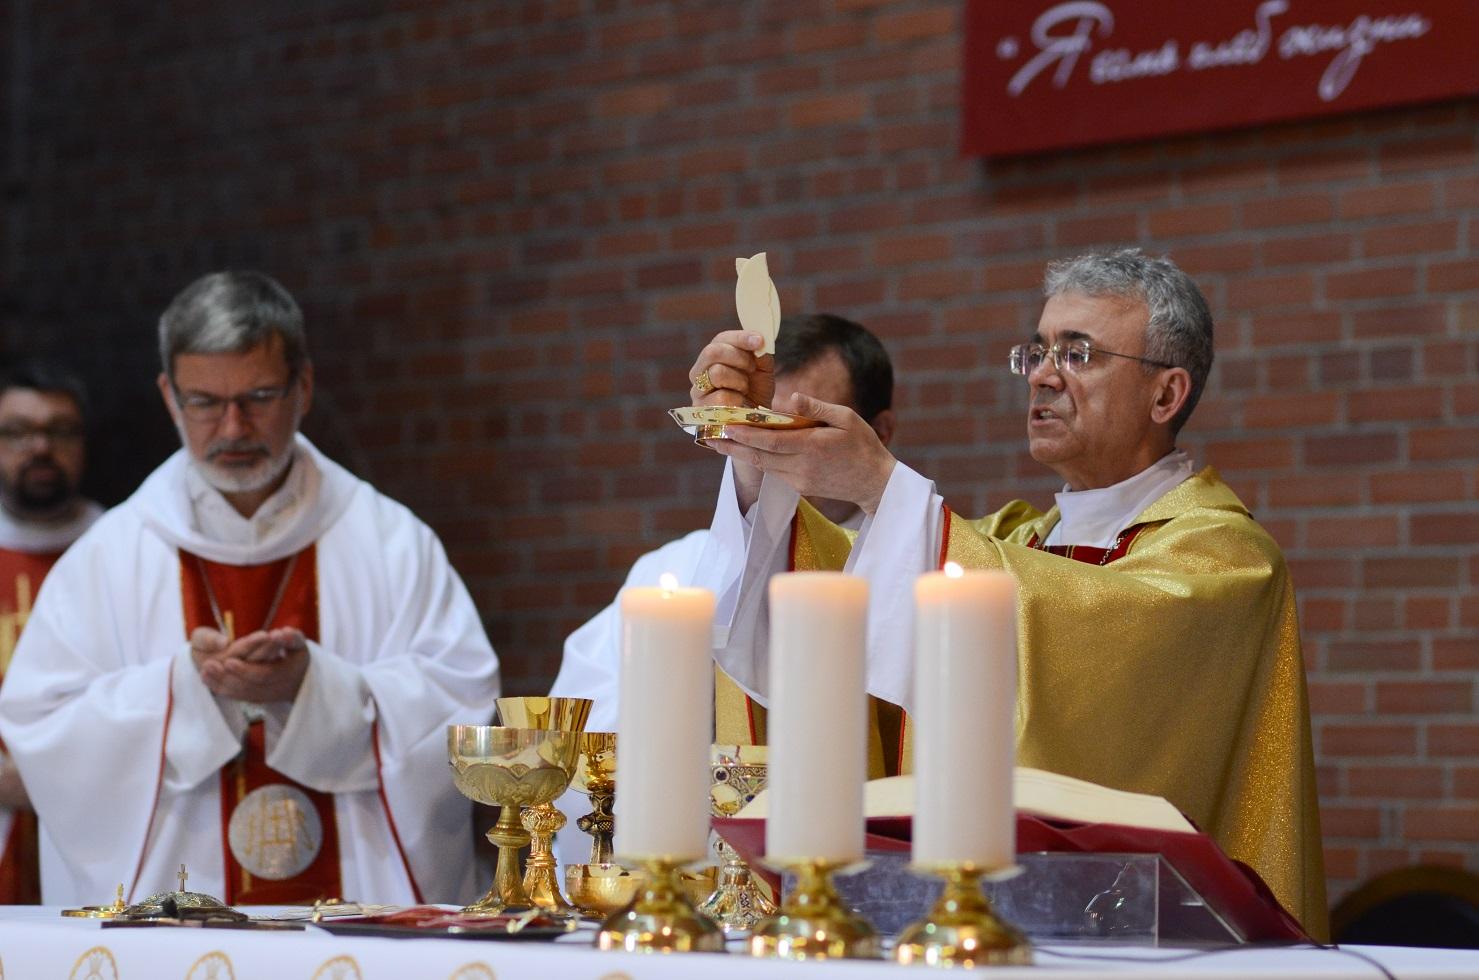 Епископ Иосиф Верт: «Я счастлив, что родился в католической семье российских немцев»